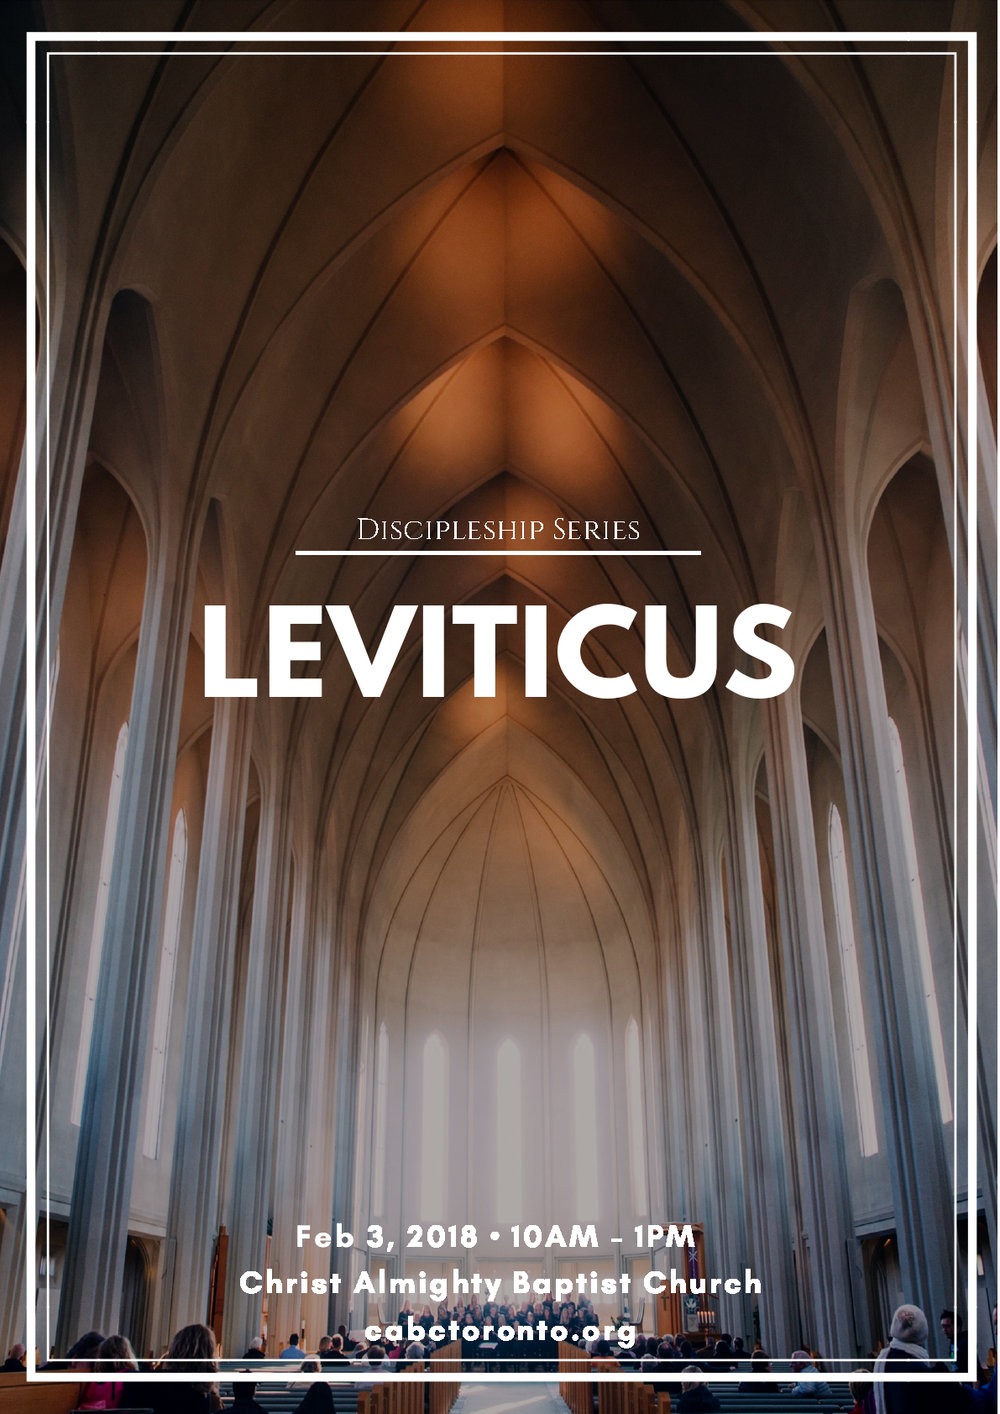 CABC-DiscipleshipSeries2018-Leviticus.jpg